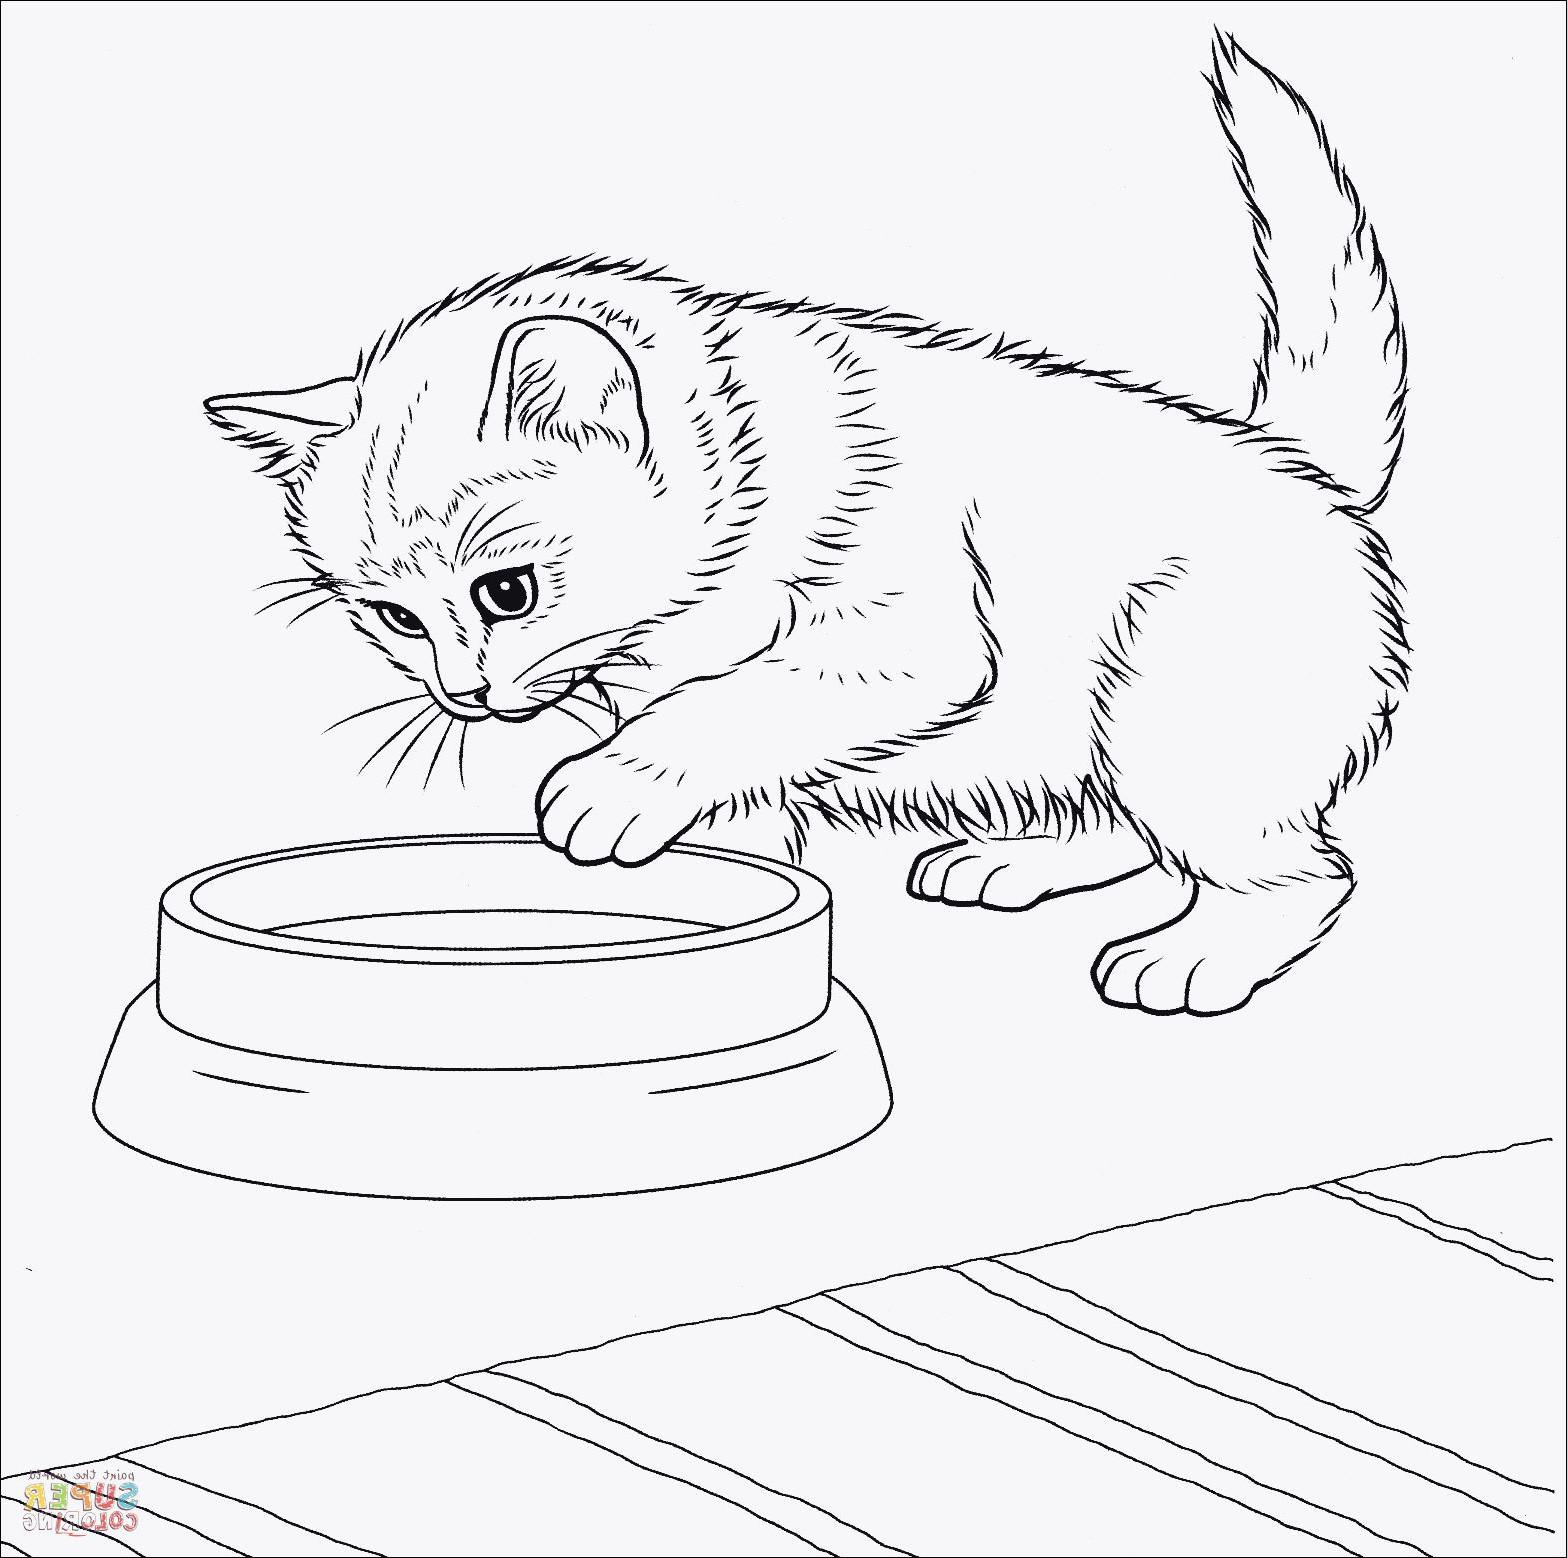 Ausmalbilder Katze Und Hund Das Beste Von 27 Neu Katzen Ausmalbilder – Malvorlagen Ideen Das Bild